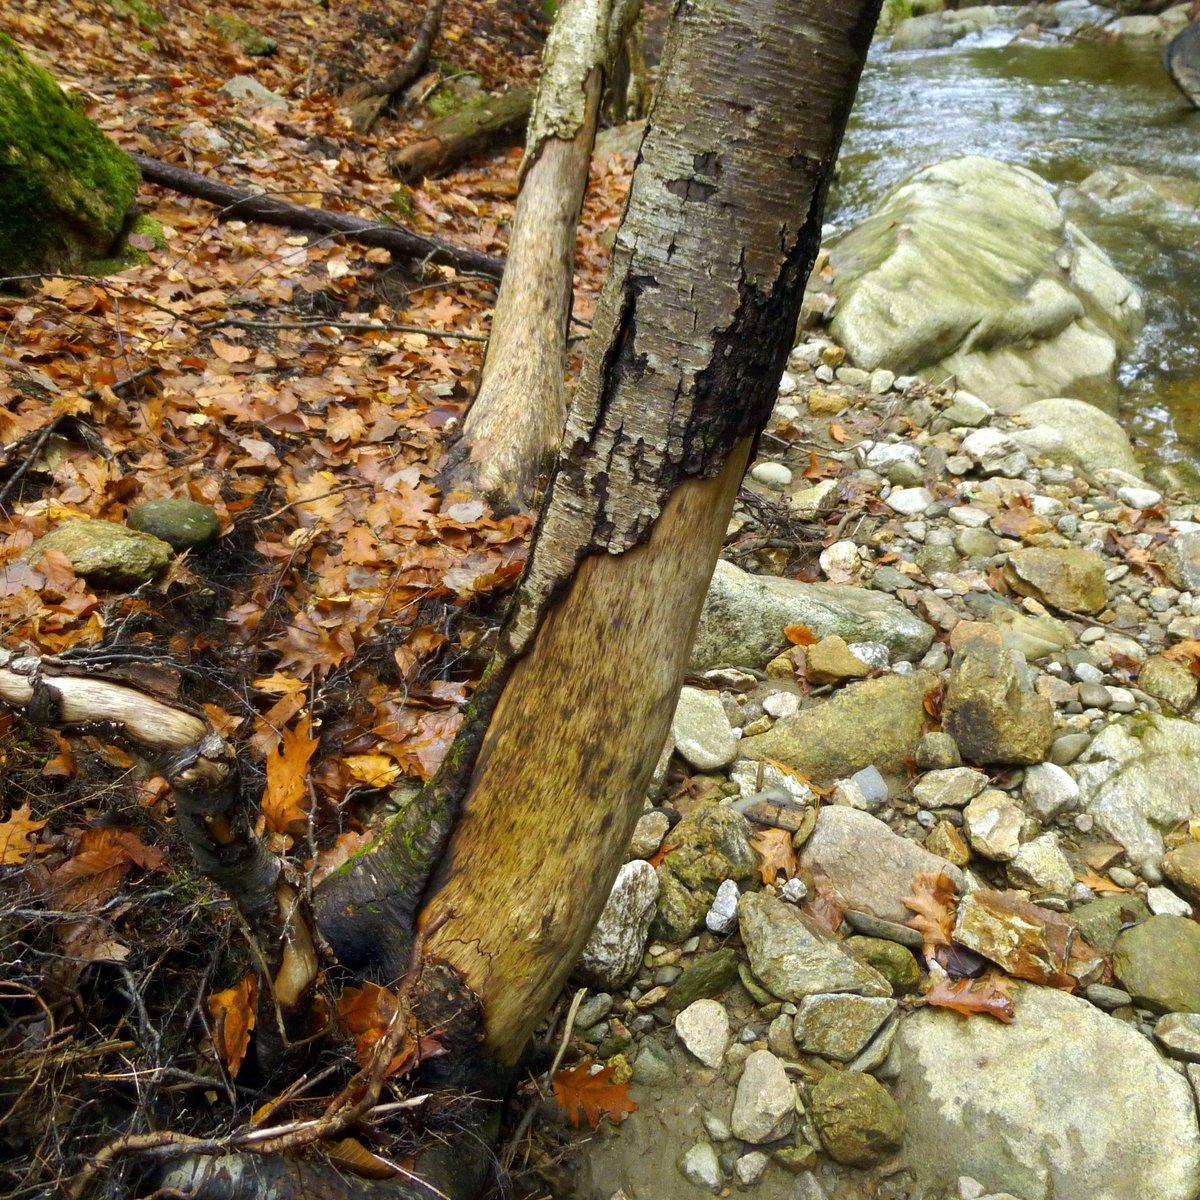 9. Damaged Trees